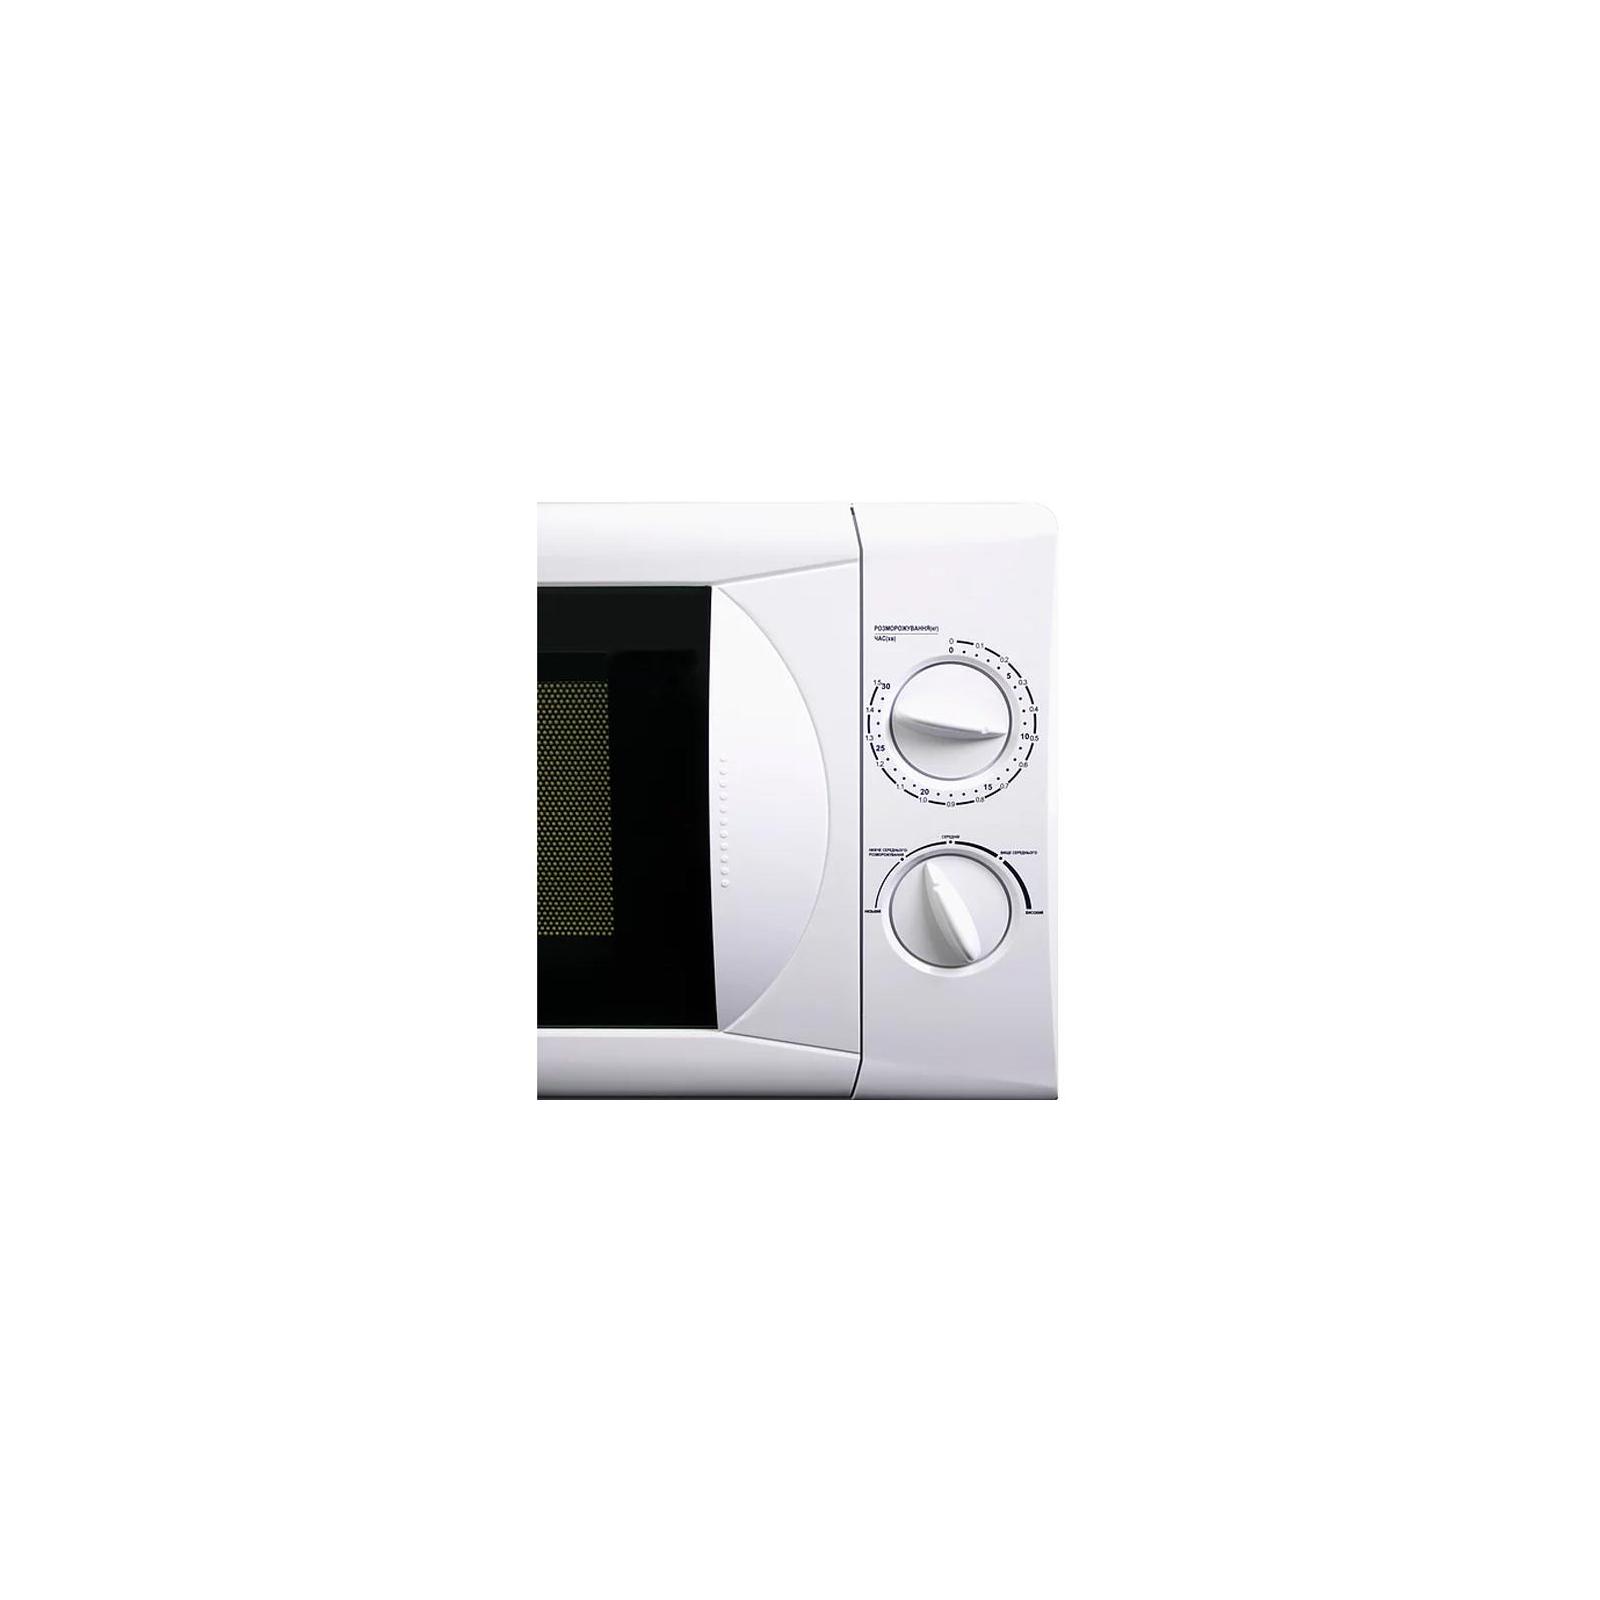 Микроволновая печь PRIME Technics PMW 20751 HW изображение 3